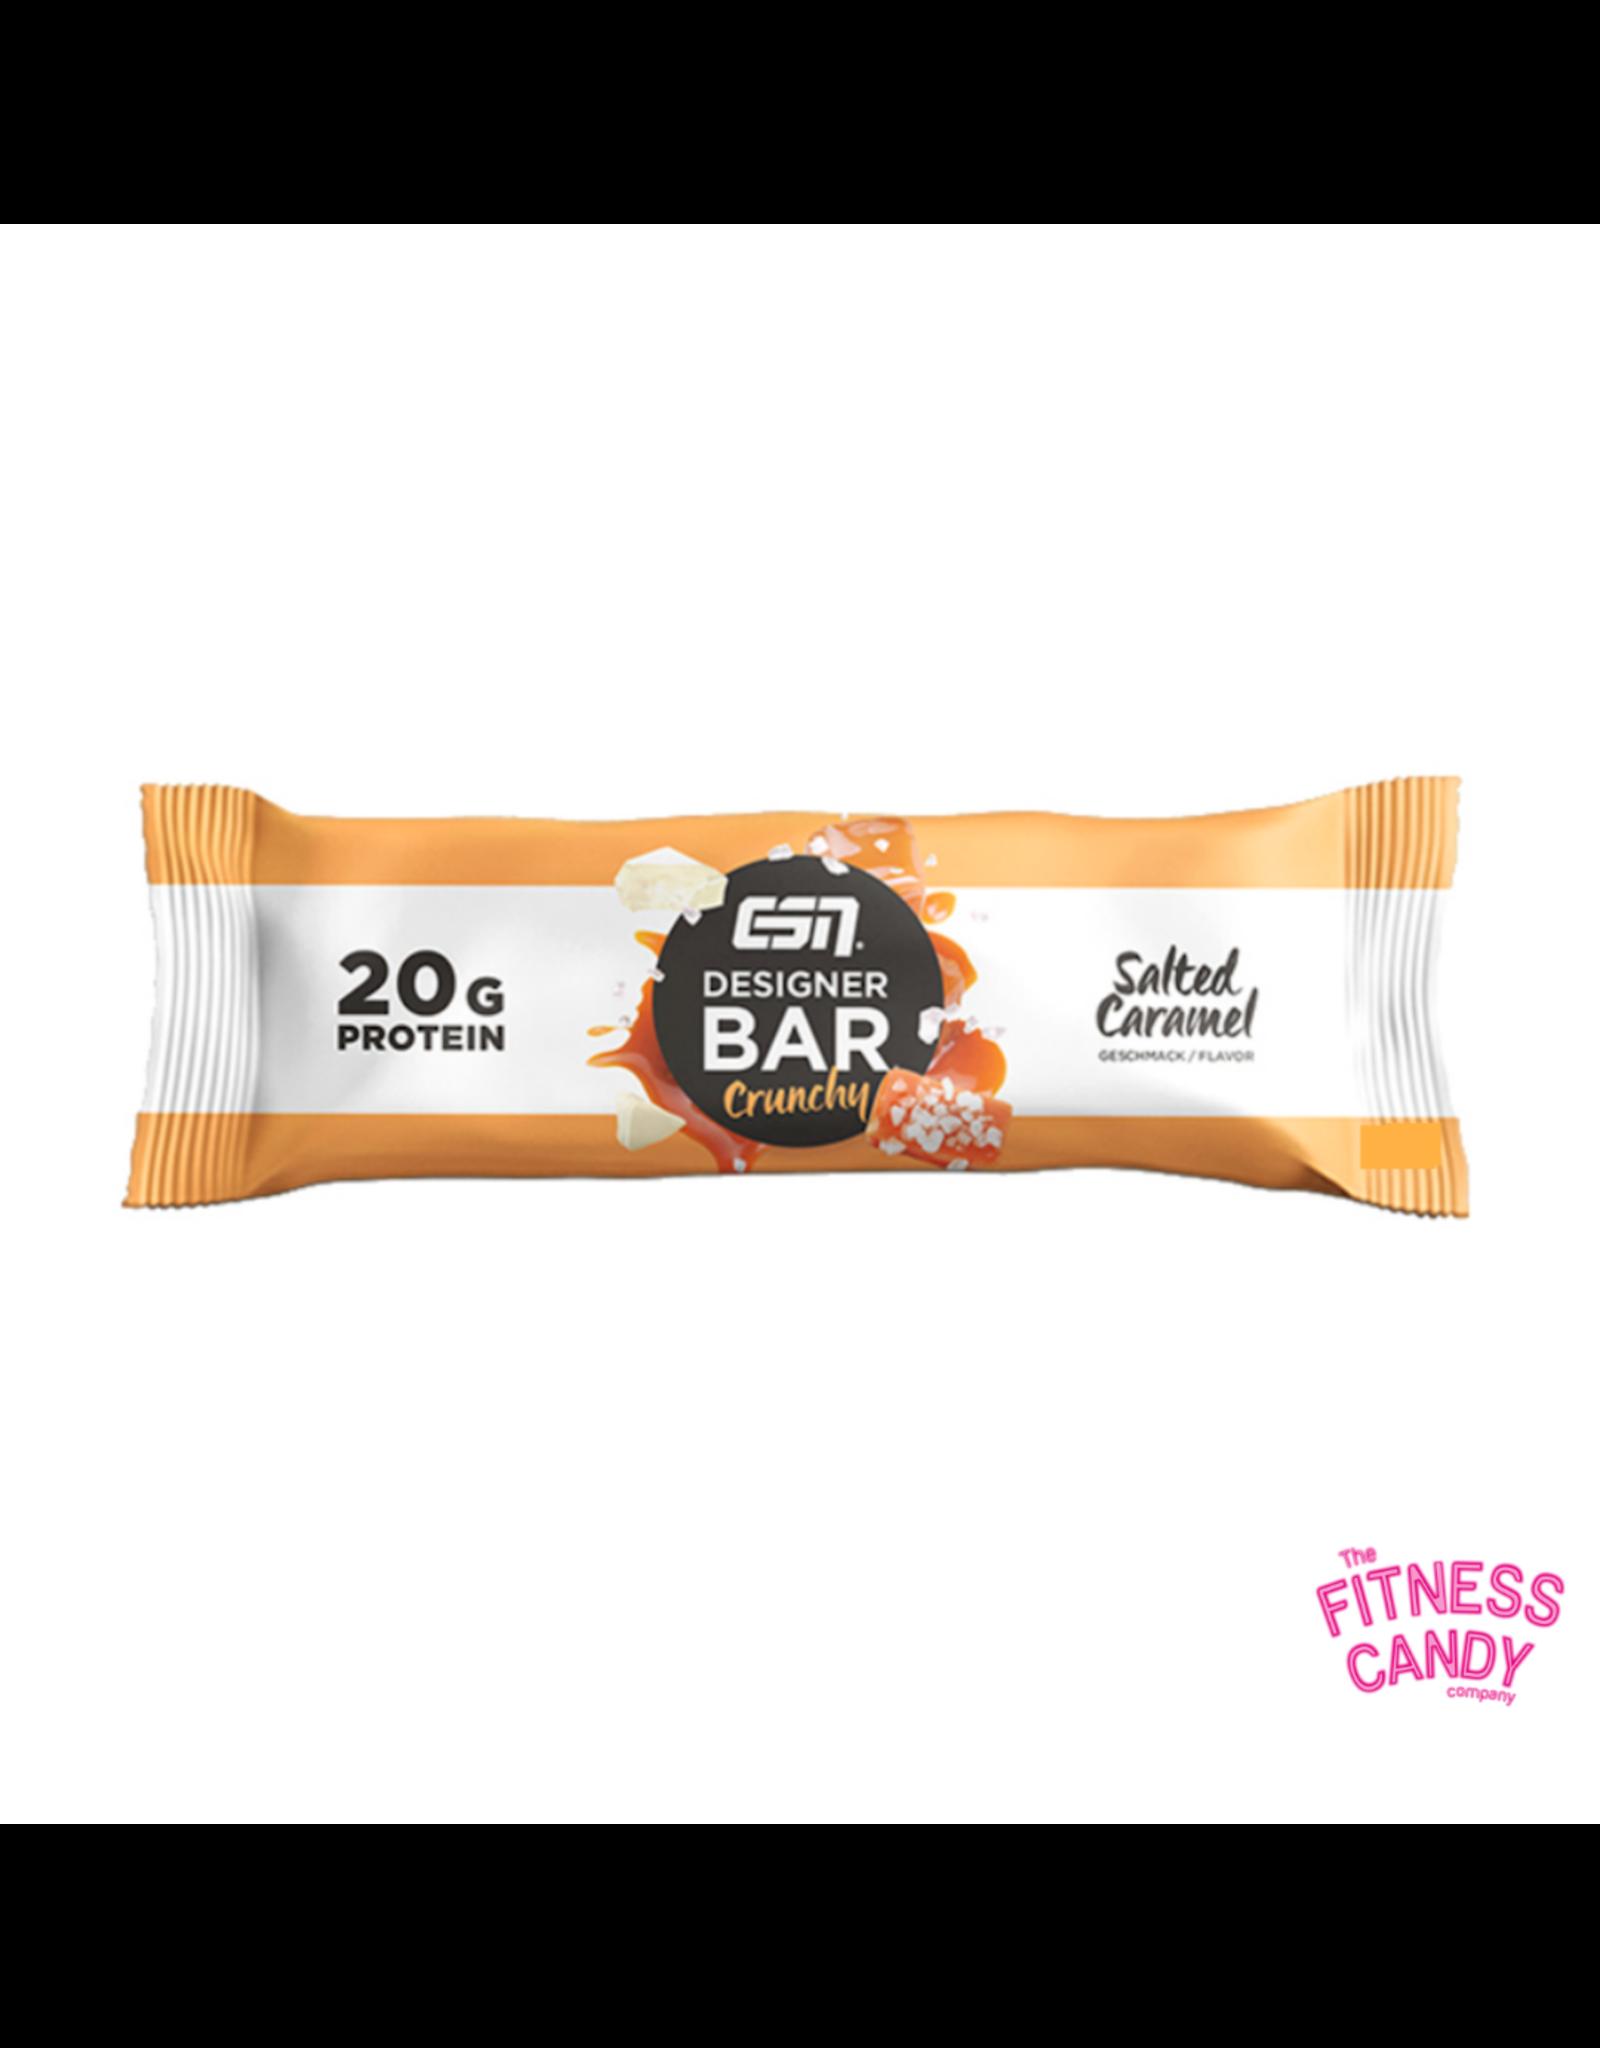 ESN ESN DESIGNER BAR Crunchy Salted Caramel